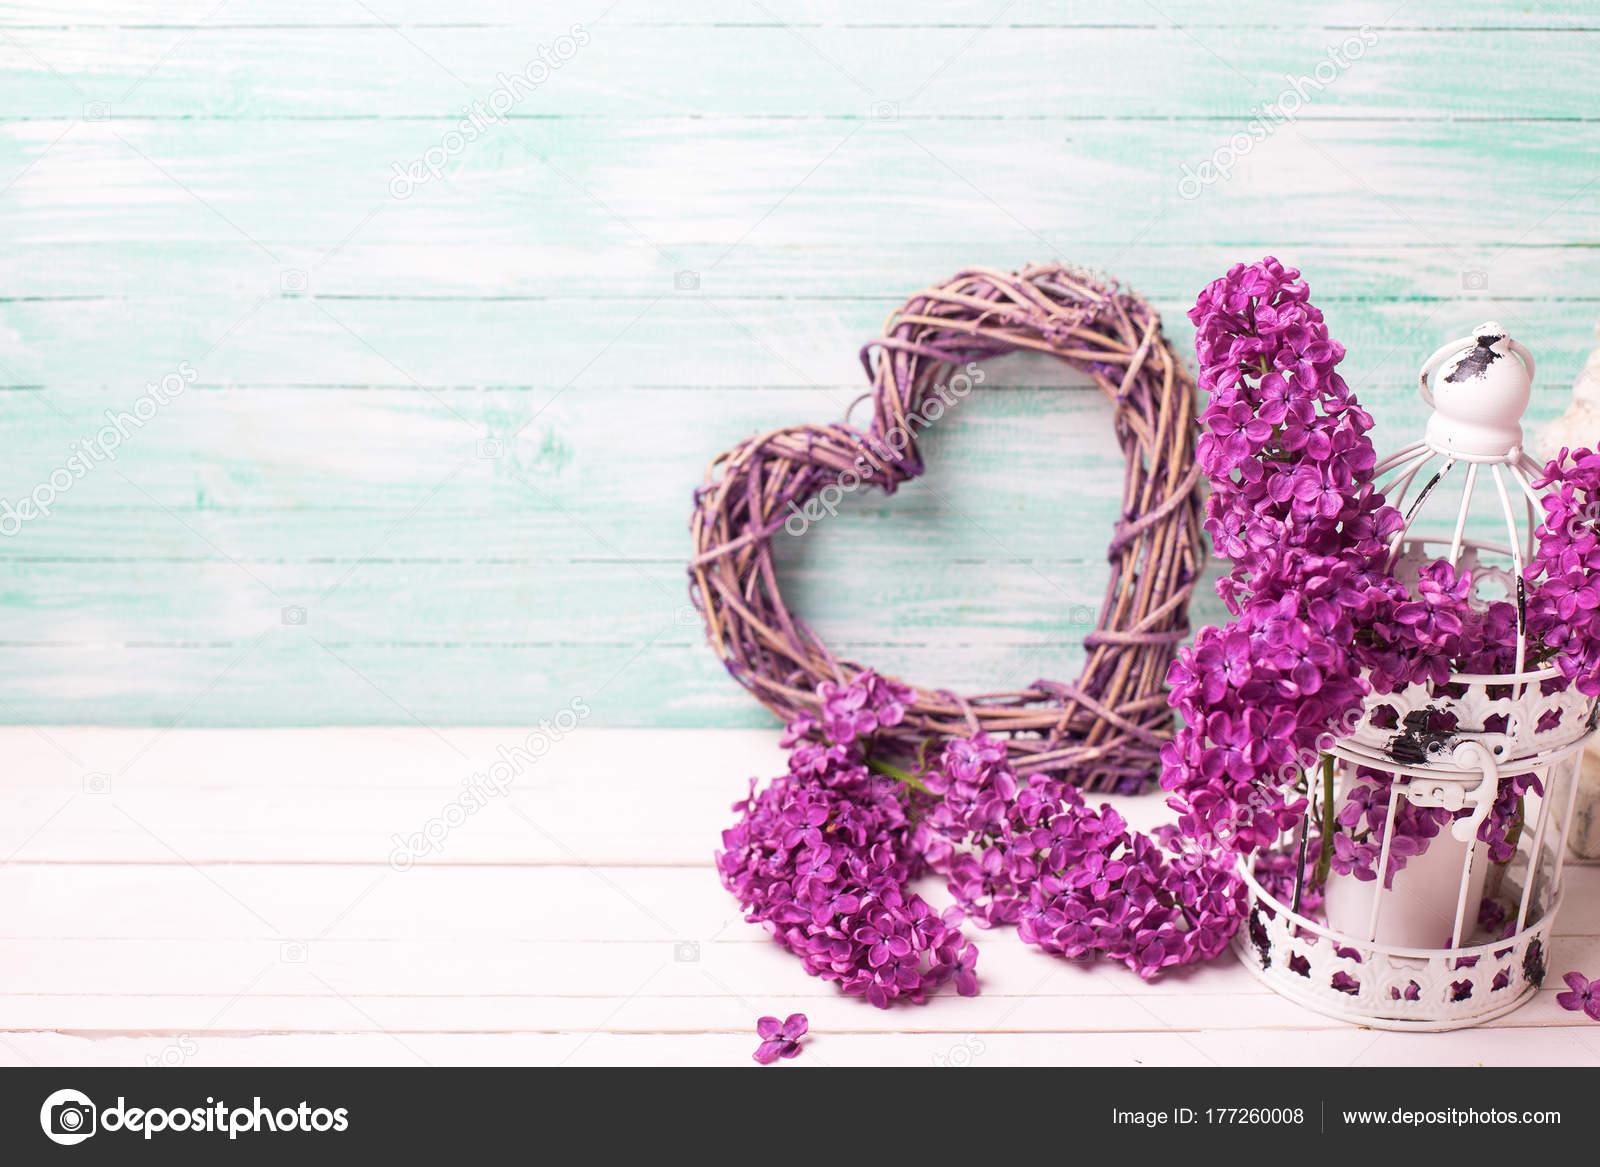 Pareti Viola E Lilla : Fiori viola lilla cuore decorativo lanterna sulla parete fondo